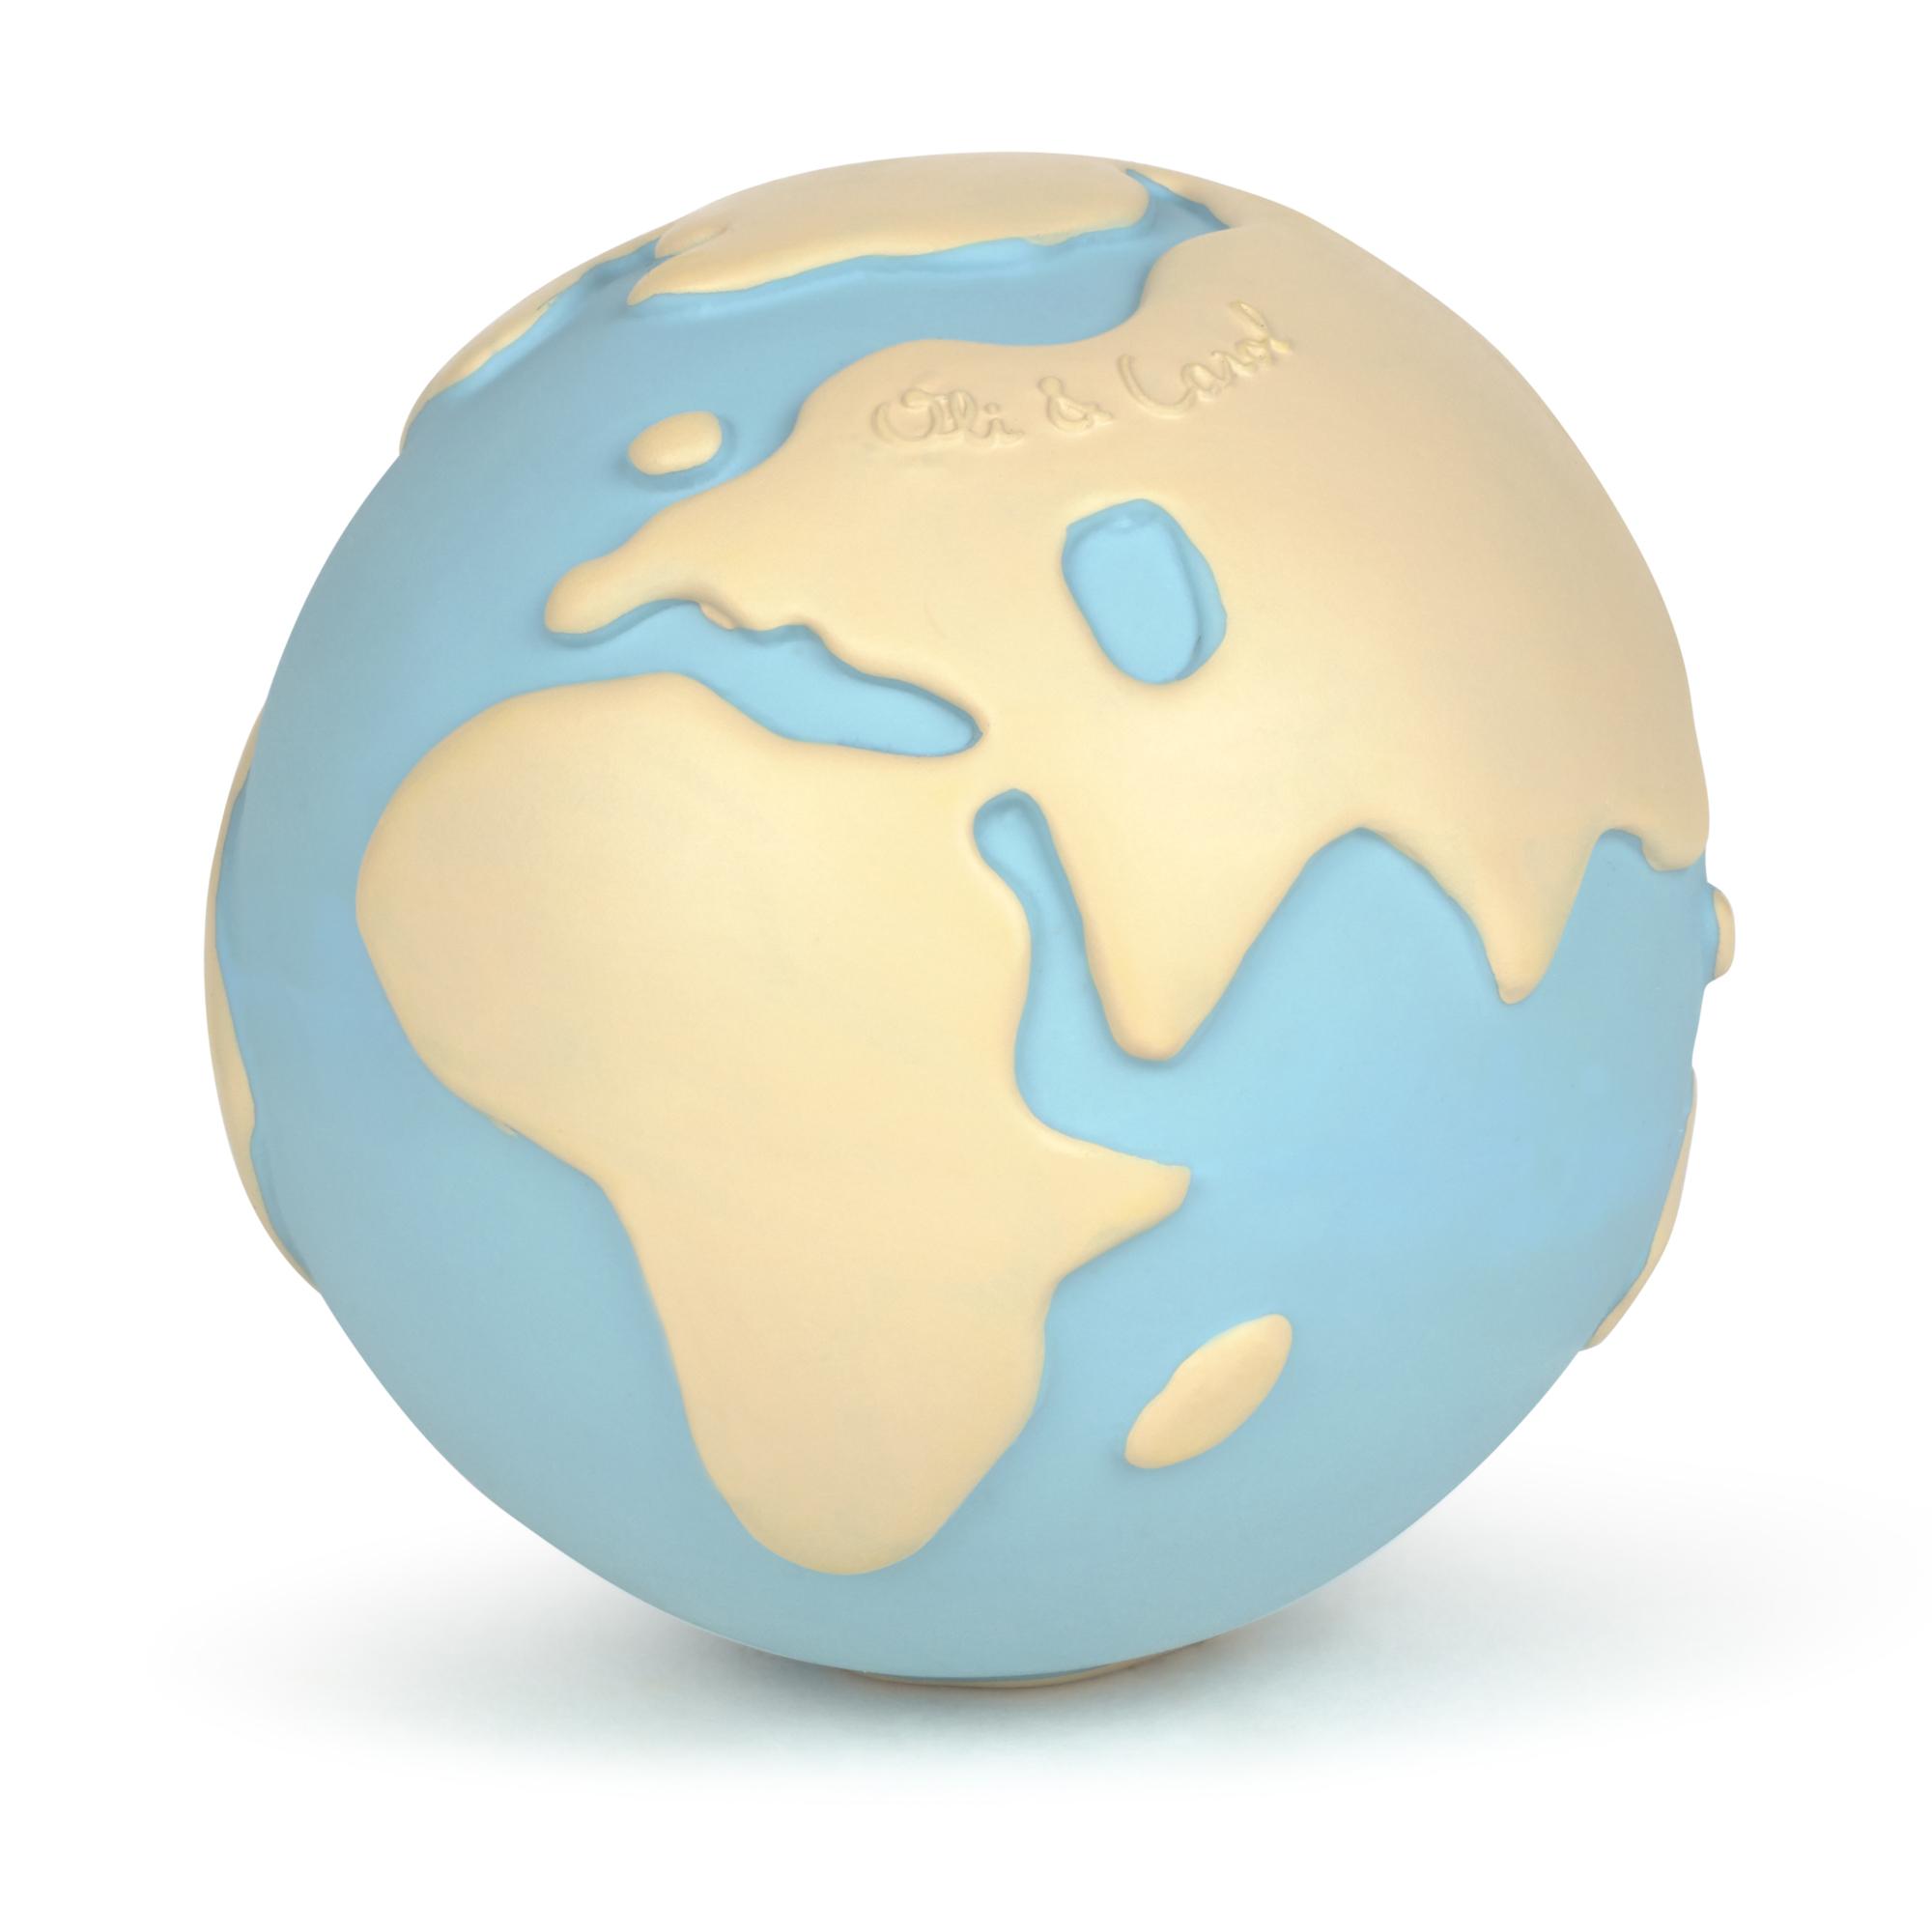 Balle Earthy le monde